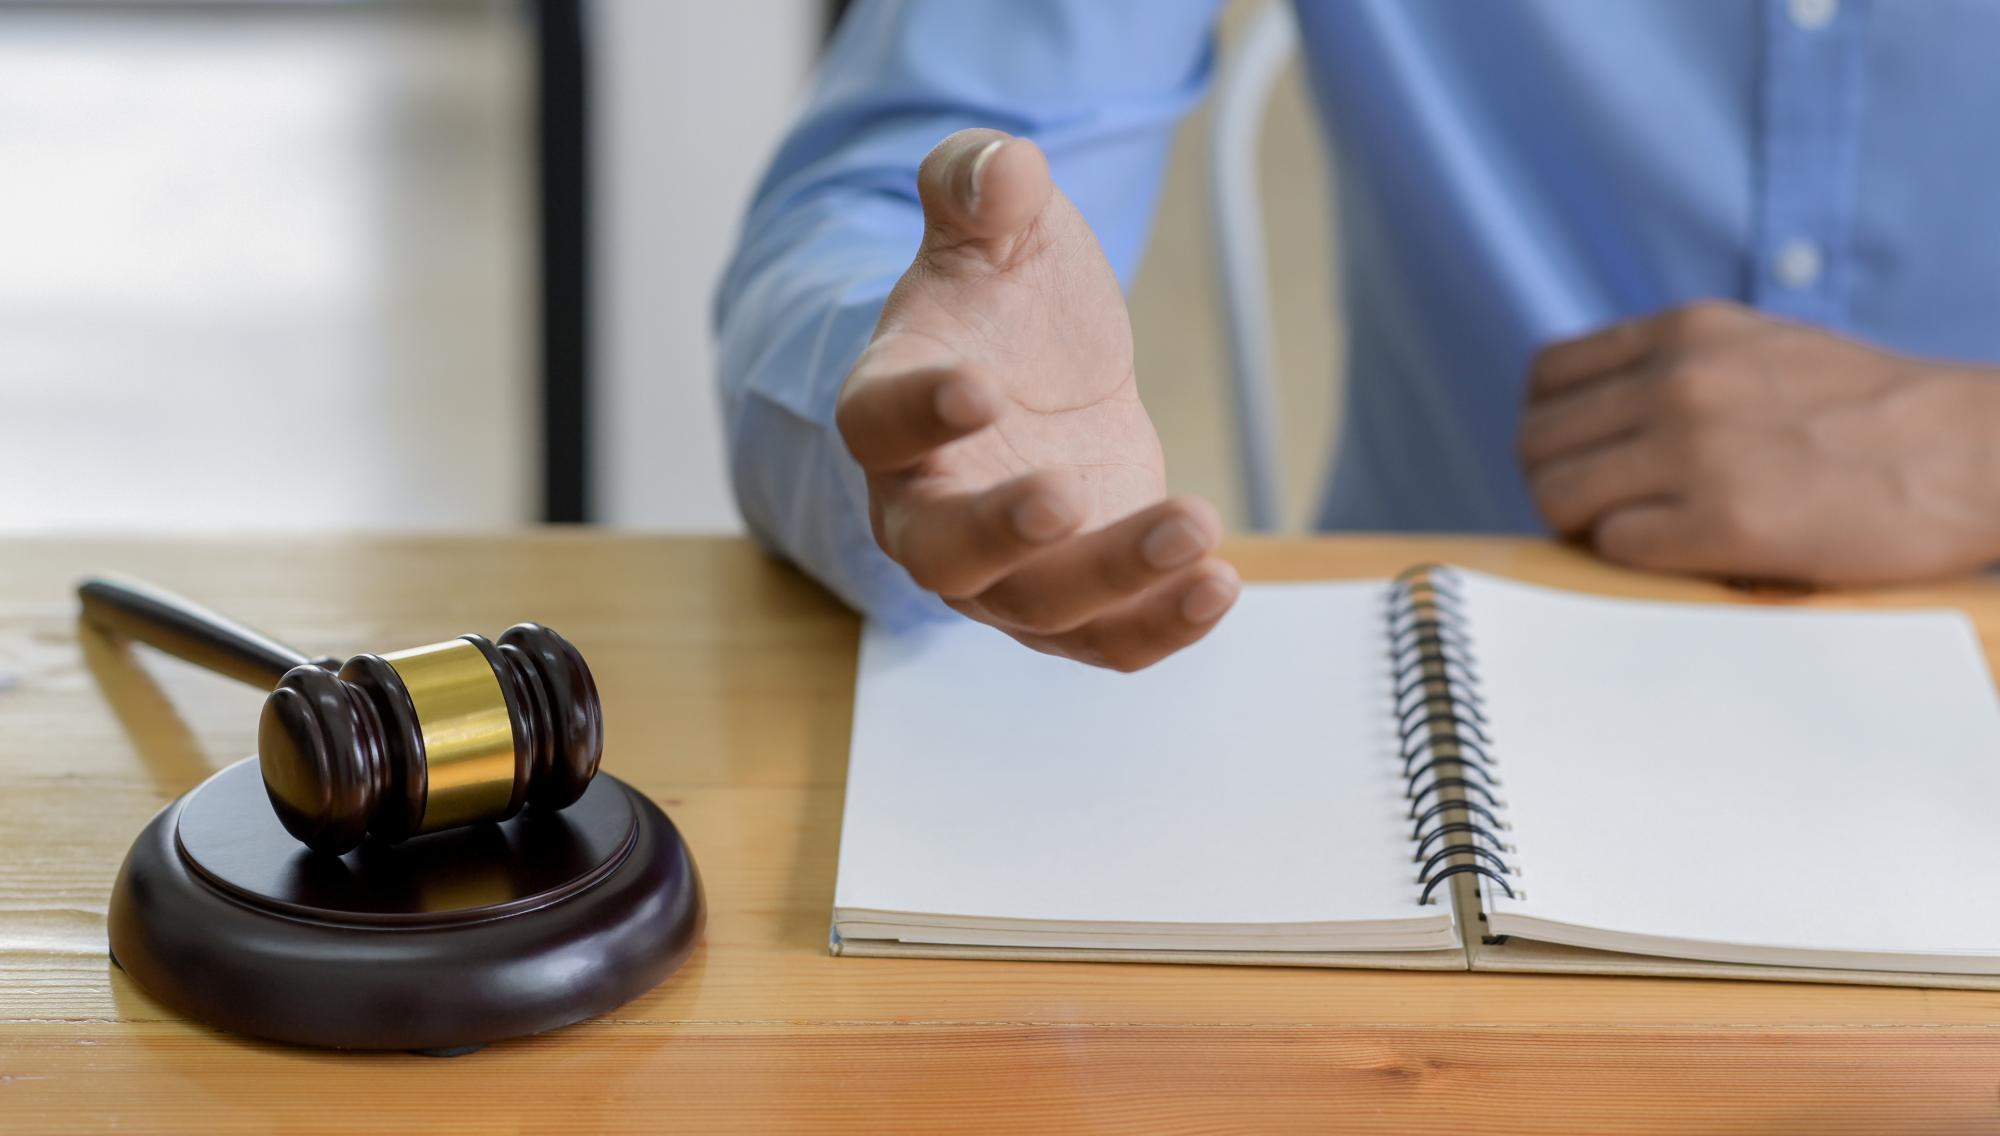 ФАС Поволжского округа признана правомерной позиция налоговых органов в части доначисления налога на прибыль